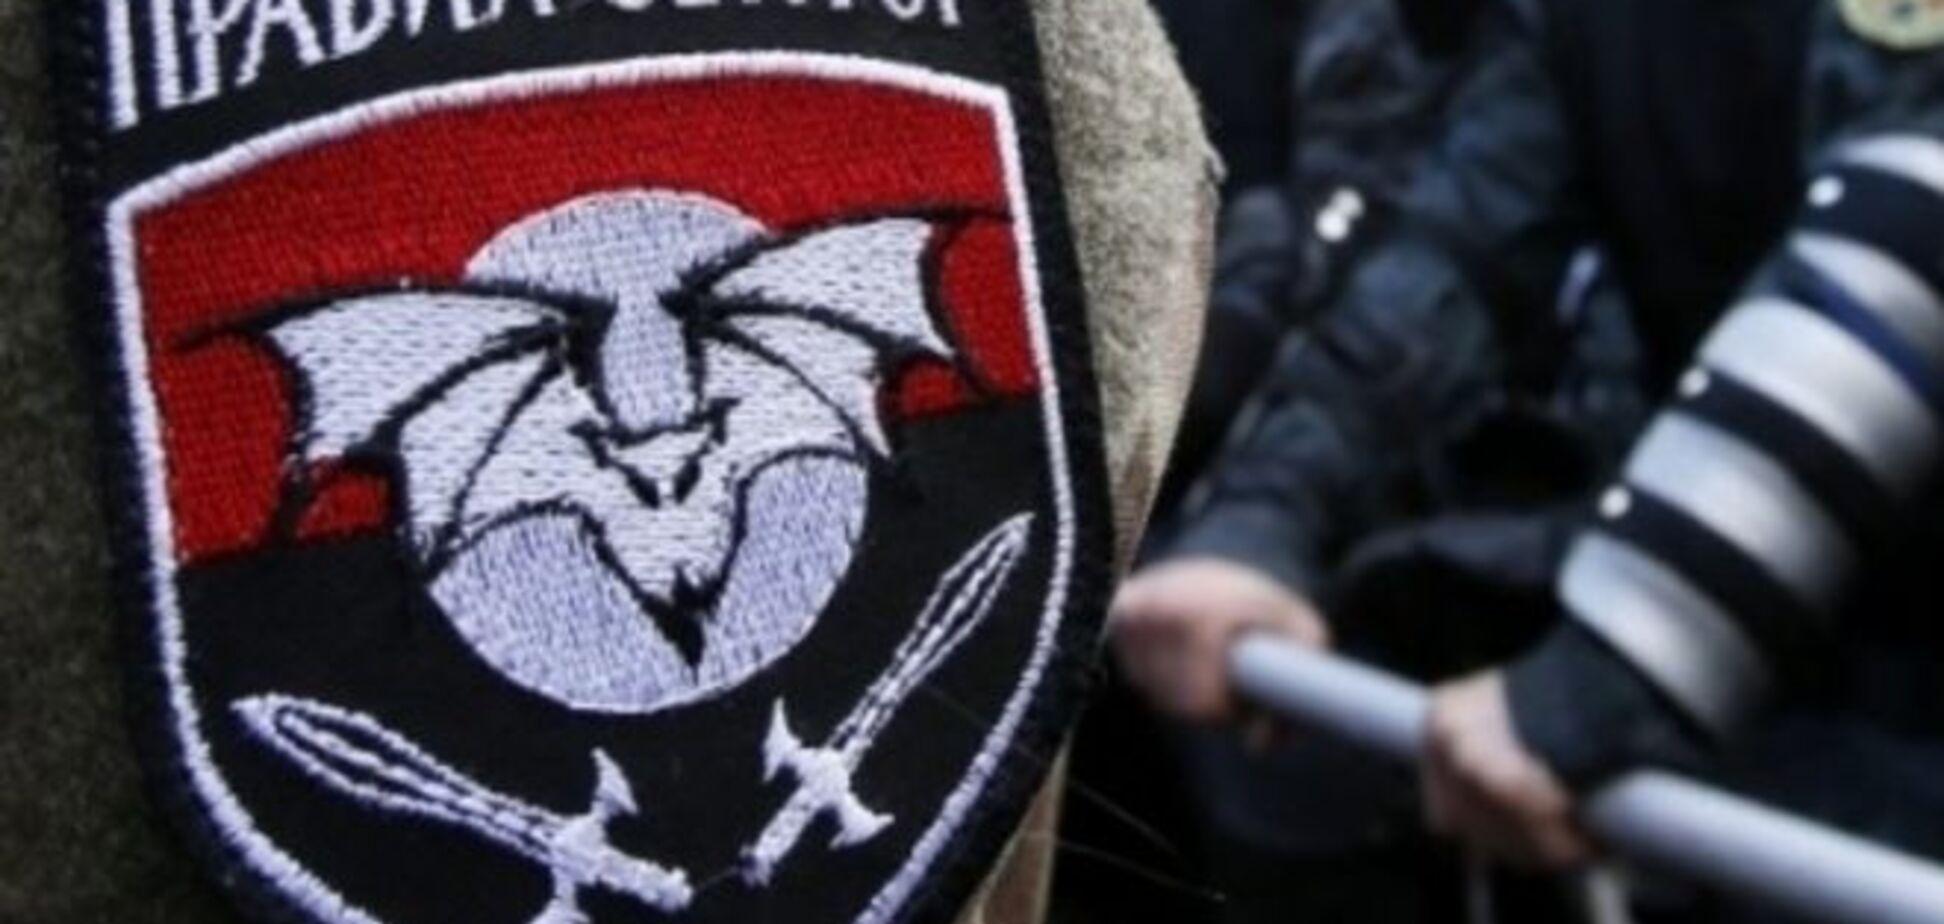 Всі тренувальні бази 'ПС' на західній Україні заблоковані силовиками - 'Правий сектор'